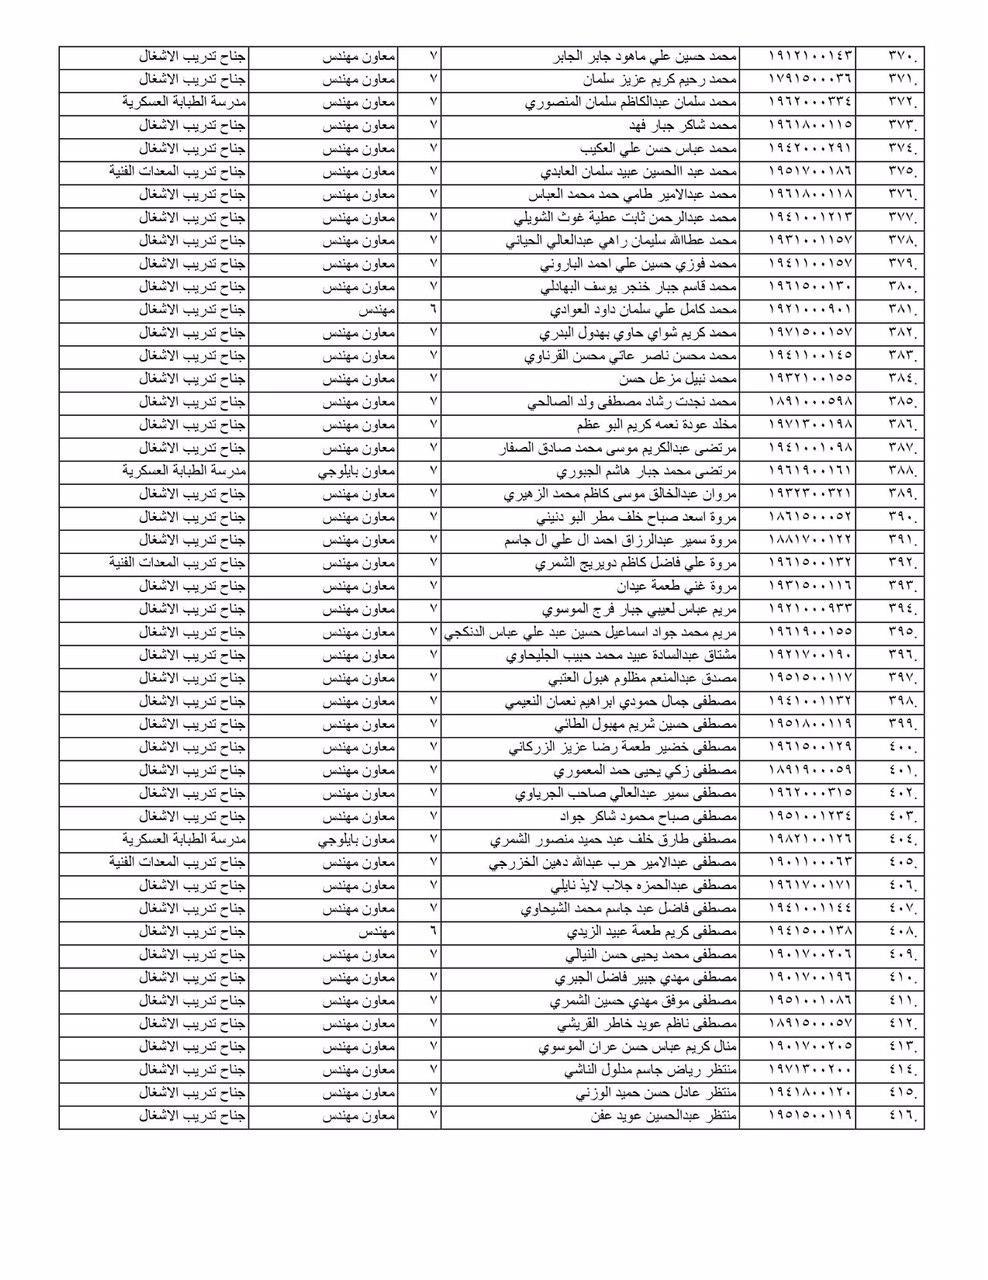 مبرووك وزارة الدفاع تنشر قائمة بأسماء الموظفين المعينين(الوجبة 1) 2020 664